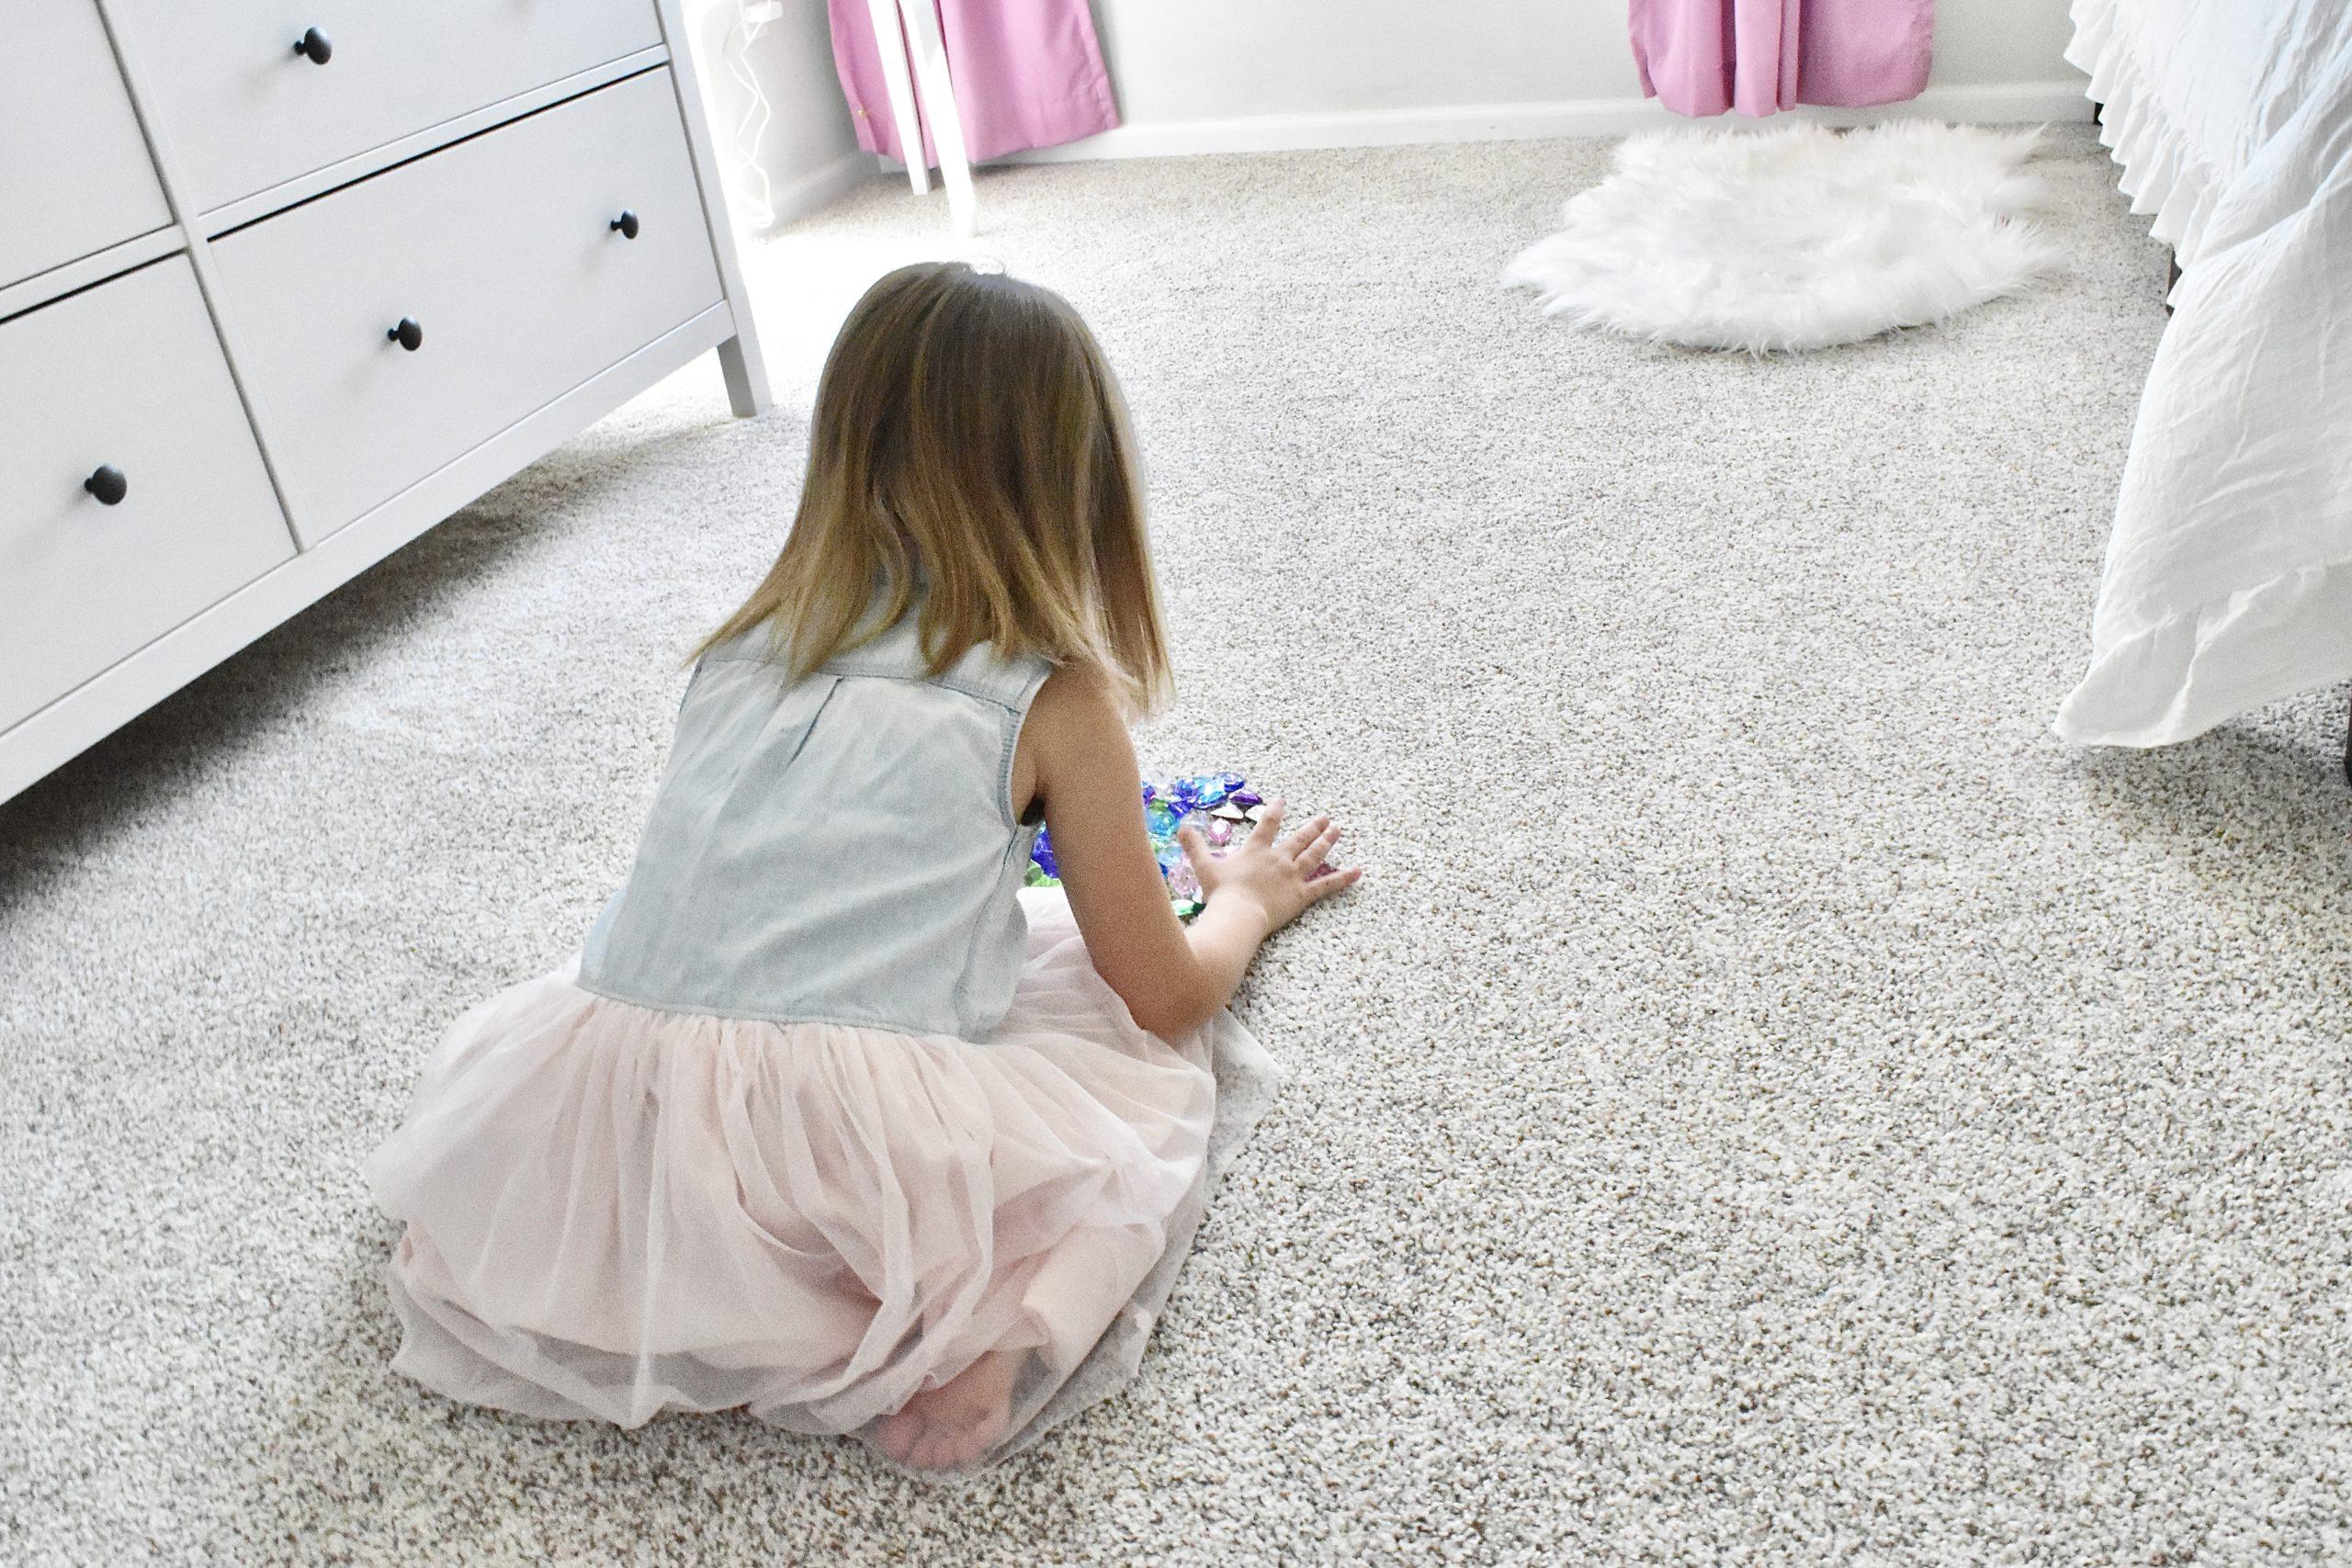 Toddler Girl Playing on Carpet